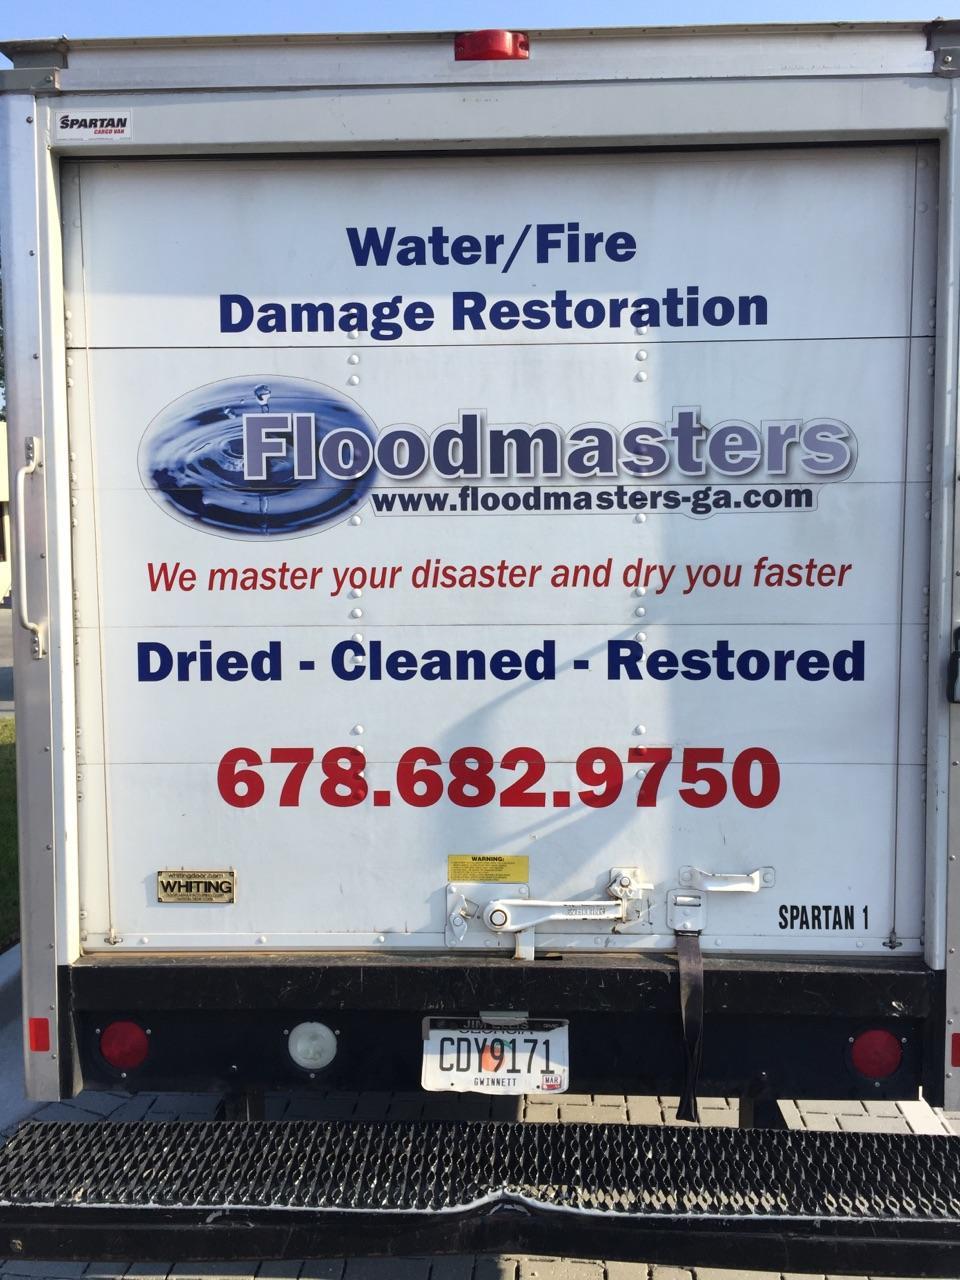 Floodmasters image 2